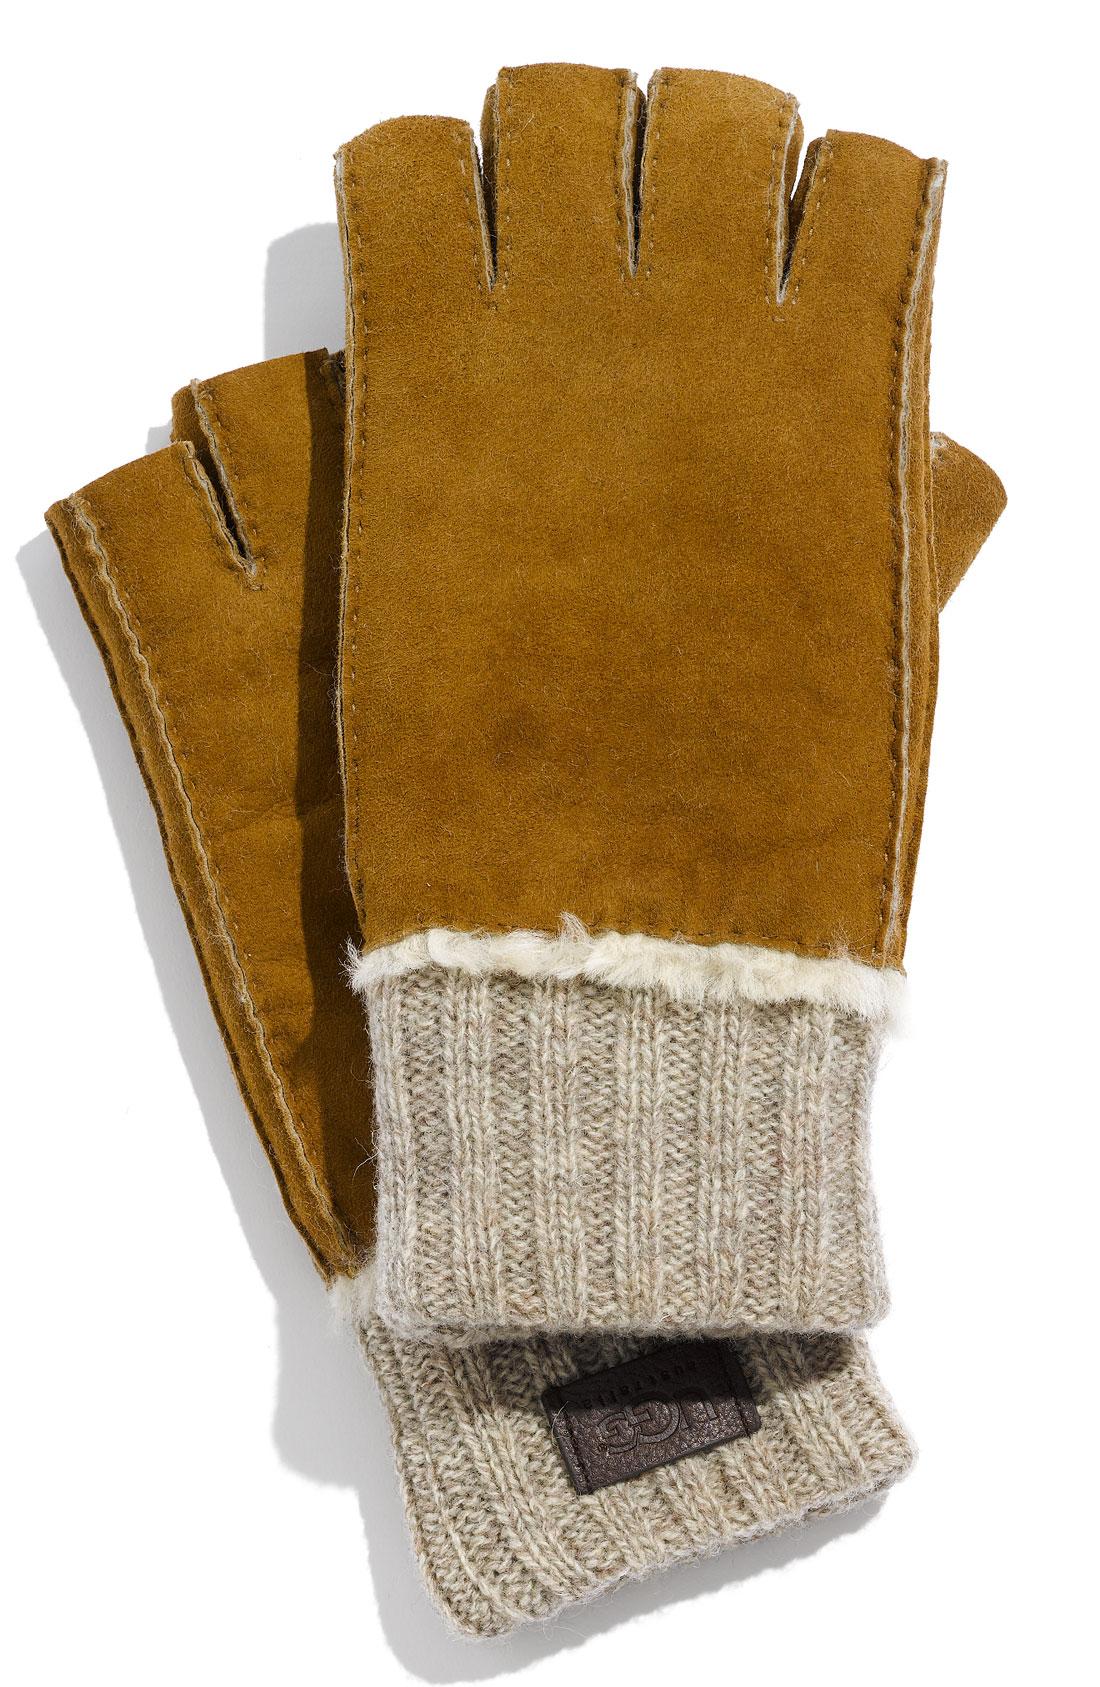 6663f0ff39e Ugg Australia Fingerless Gloves